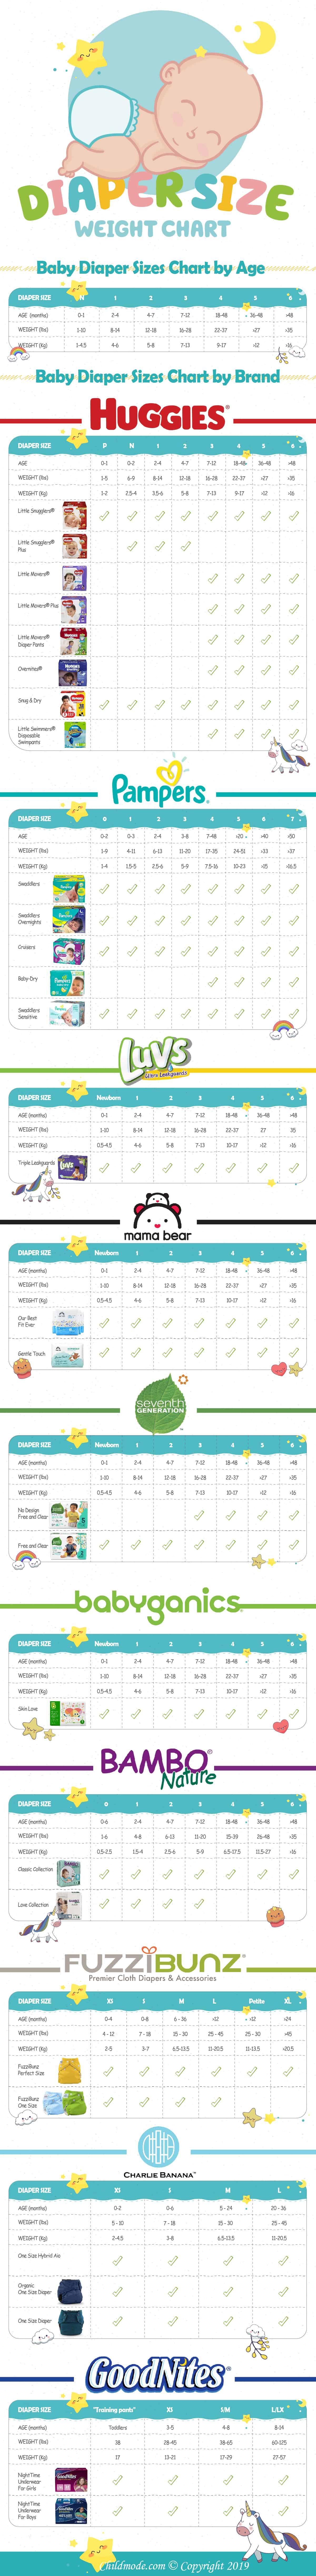 Diaper Size - Weight Chart_final